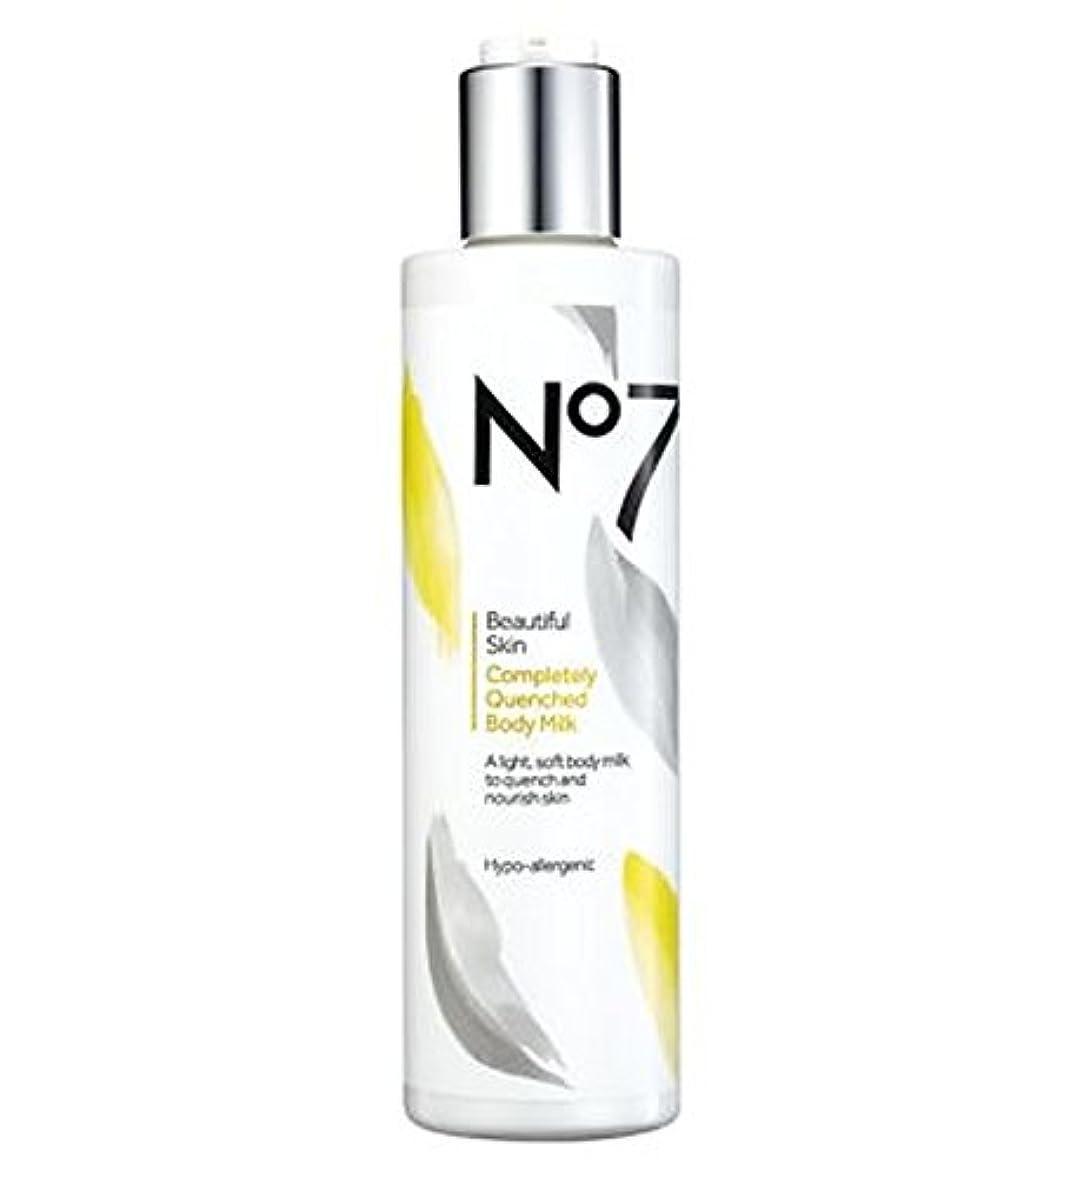 平野シンク岸No7美しい肌完全に急冷ボディミルク (No7) (x2) - No7 Beautiful Skin Completely Quenched Body Milk (Pack of 2) [並行輸入品]